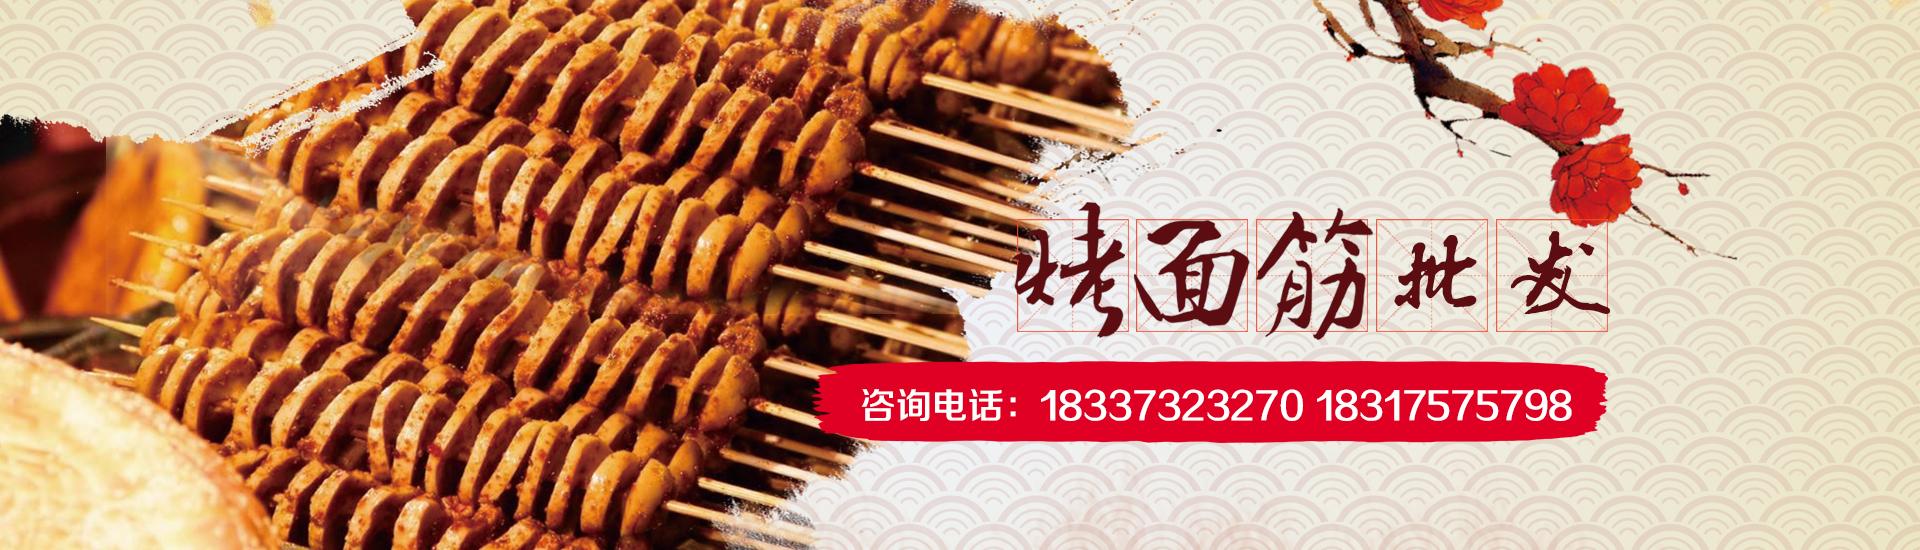 竞博官网登录_竞博注册_竞博电子竞技app官网